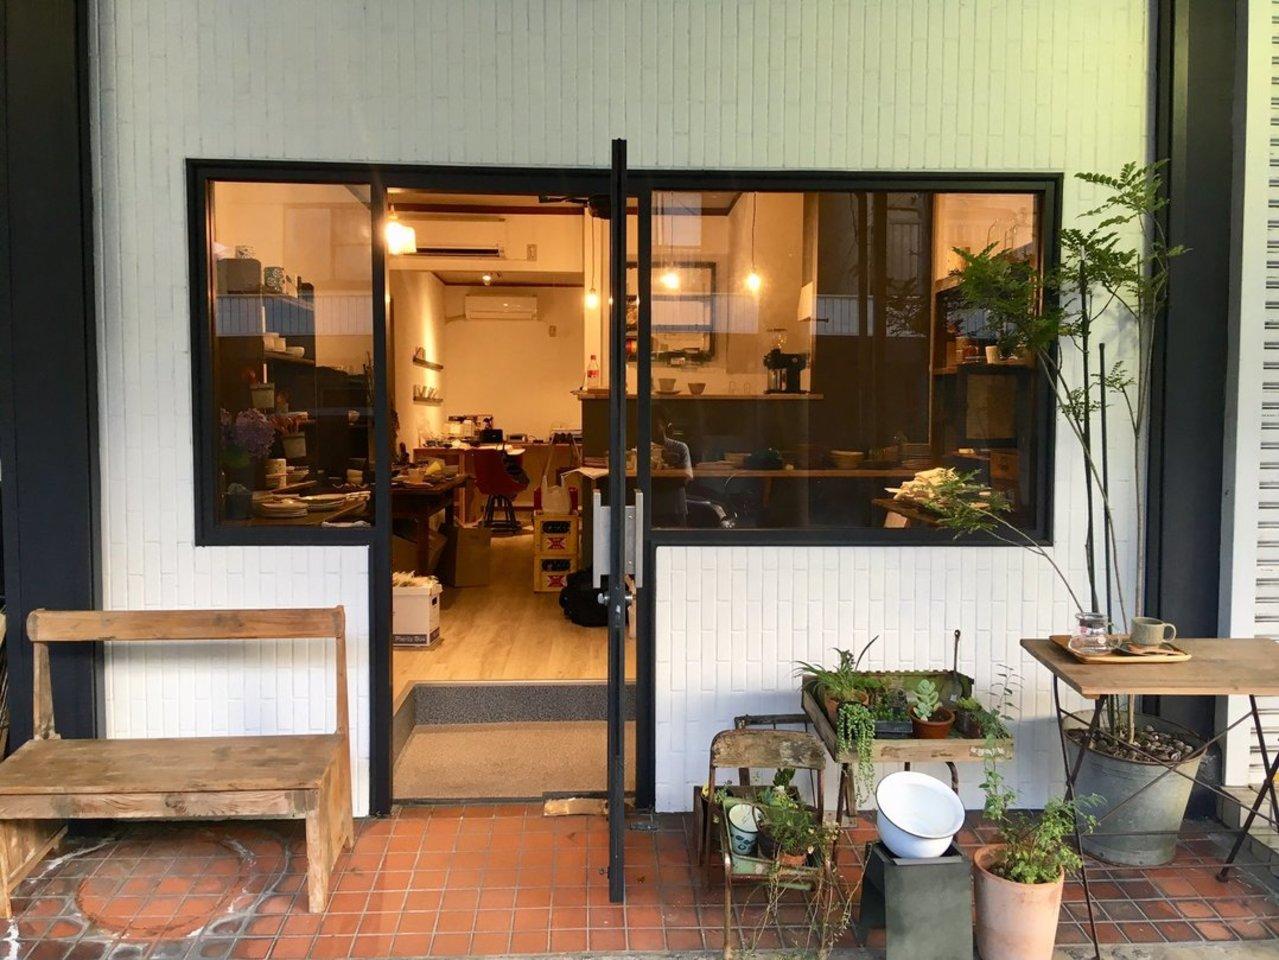 【 アミスト 】雑貨と音楽(埼玉県川越市)7/4オープン